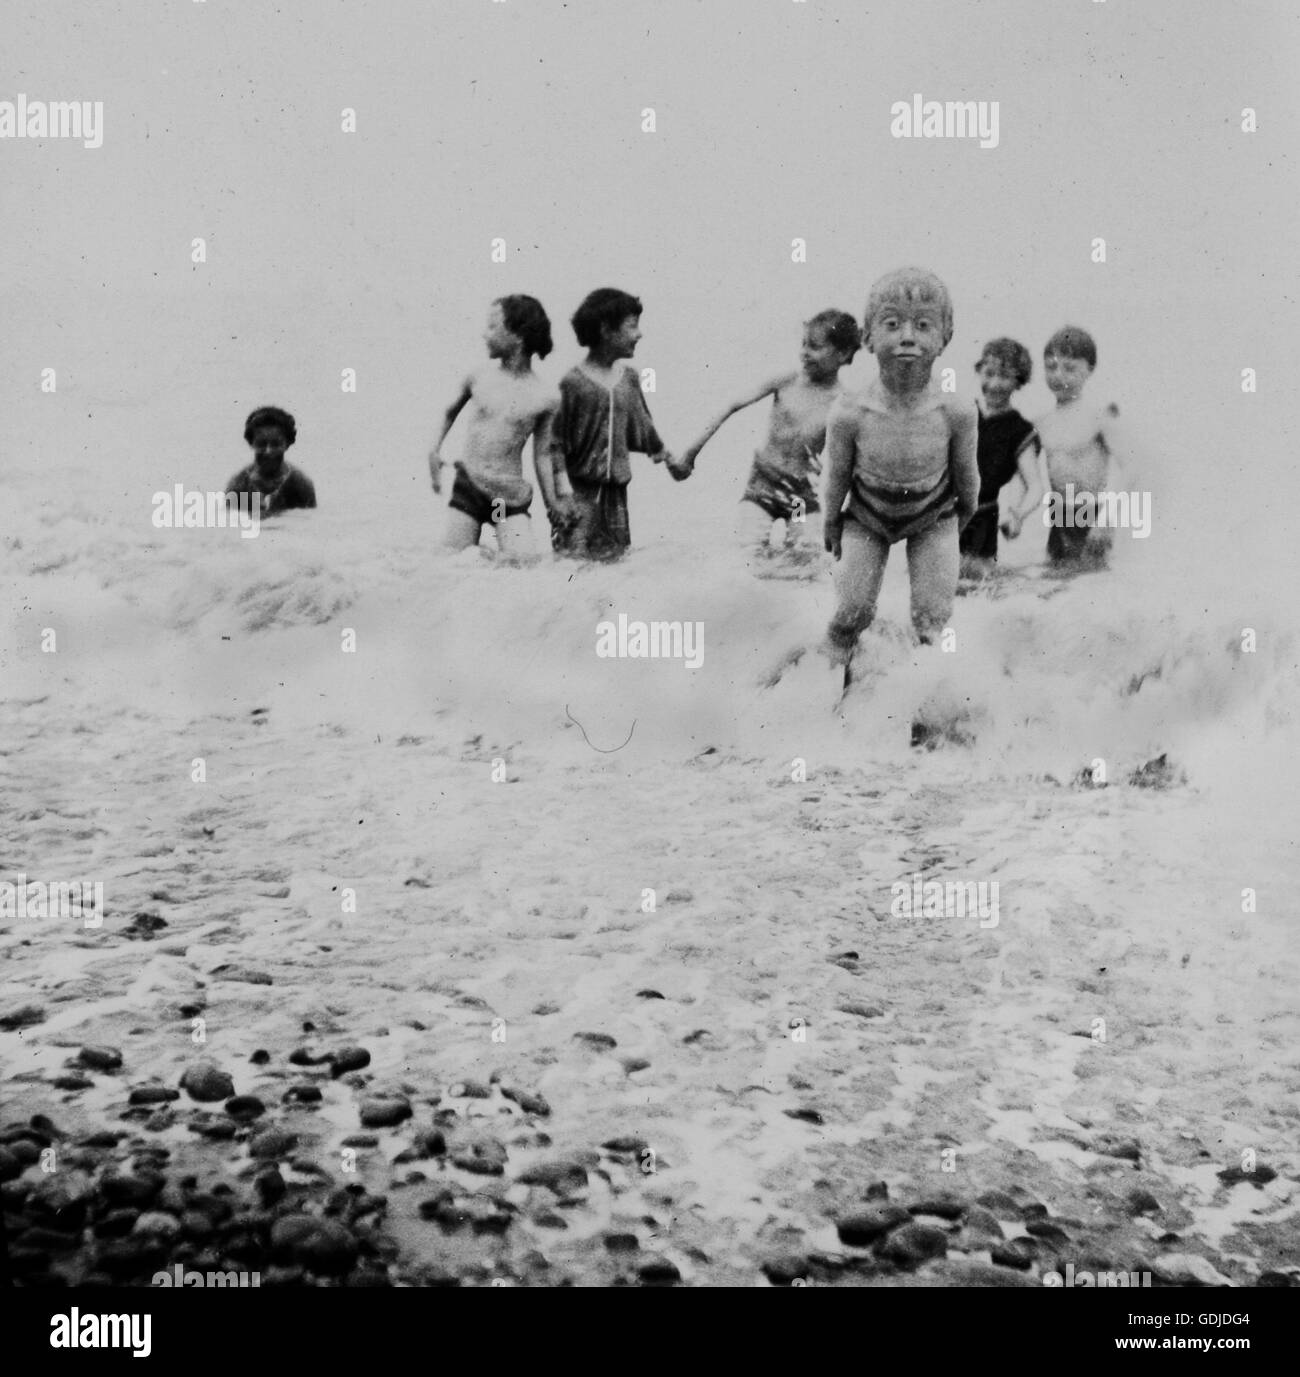 Foto Divertenti Bambini Al Mare vacanza amatoriale foto di bambini felici giocando al mare